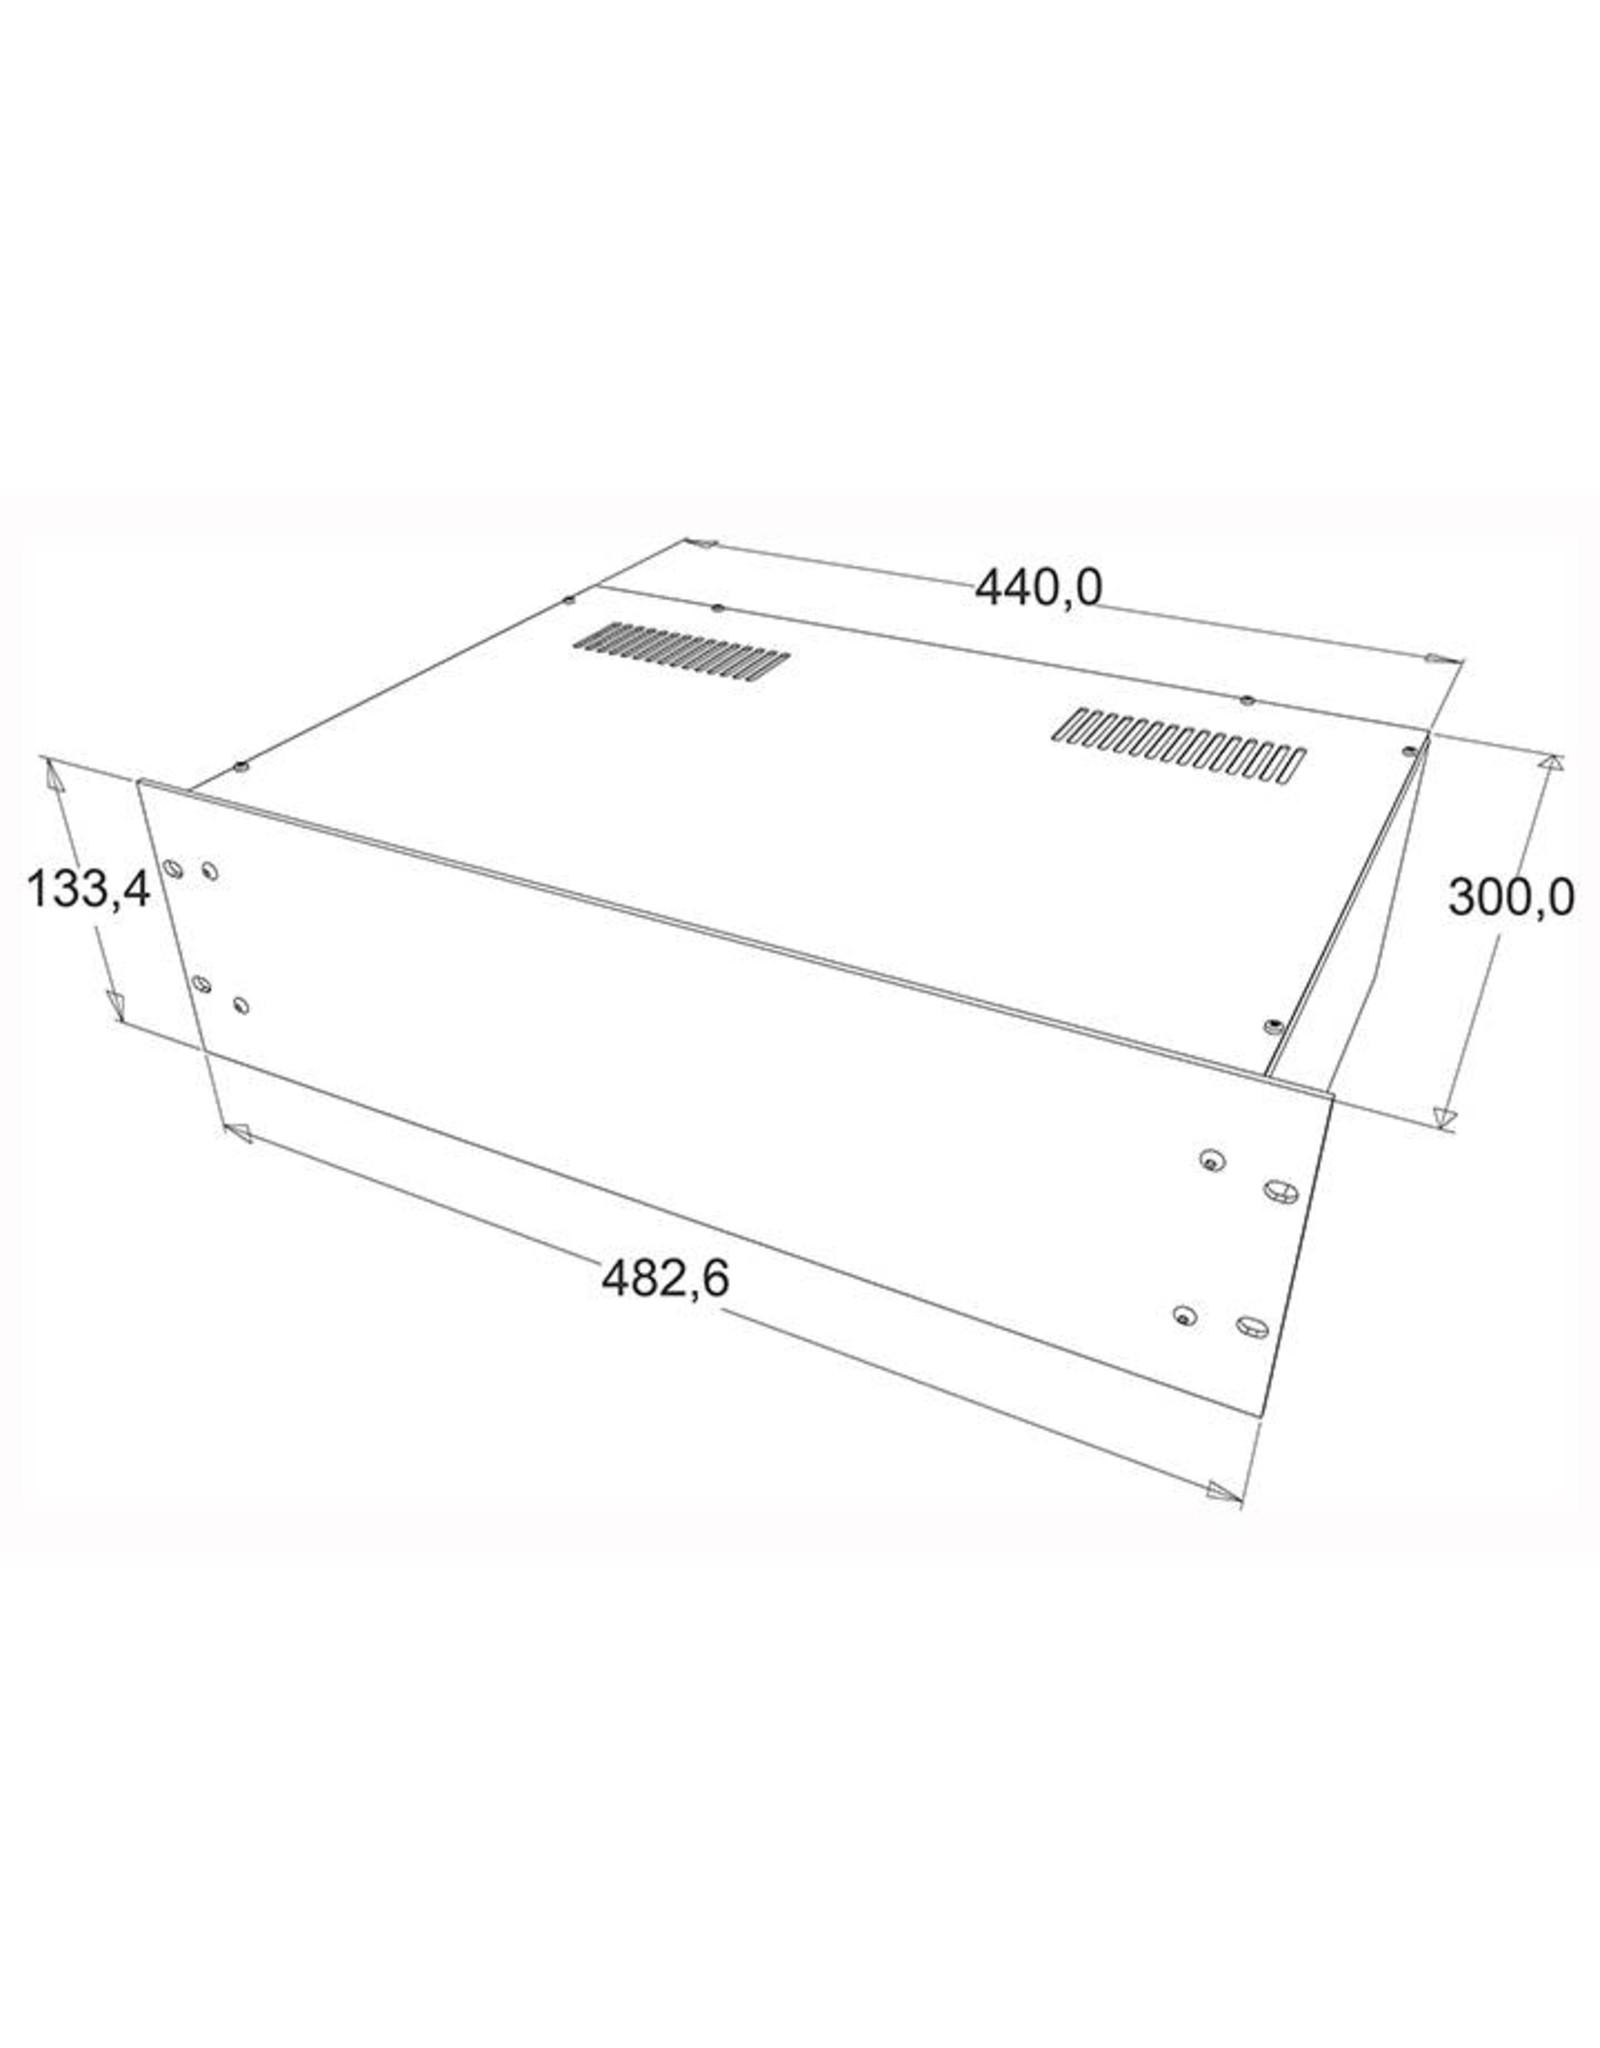 Penn Elcom Penn Elcom 19 inch kast + frontplaat, 3 HE, 300 mm diep